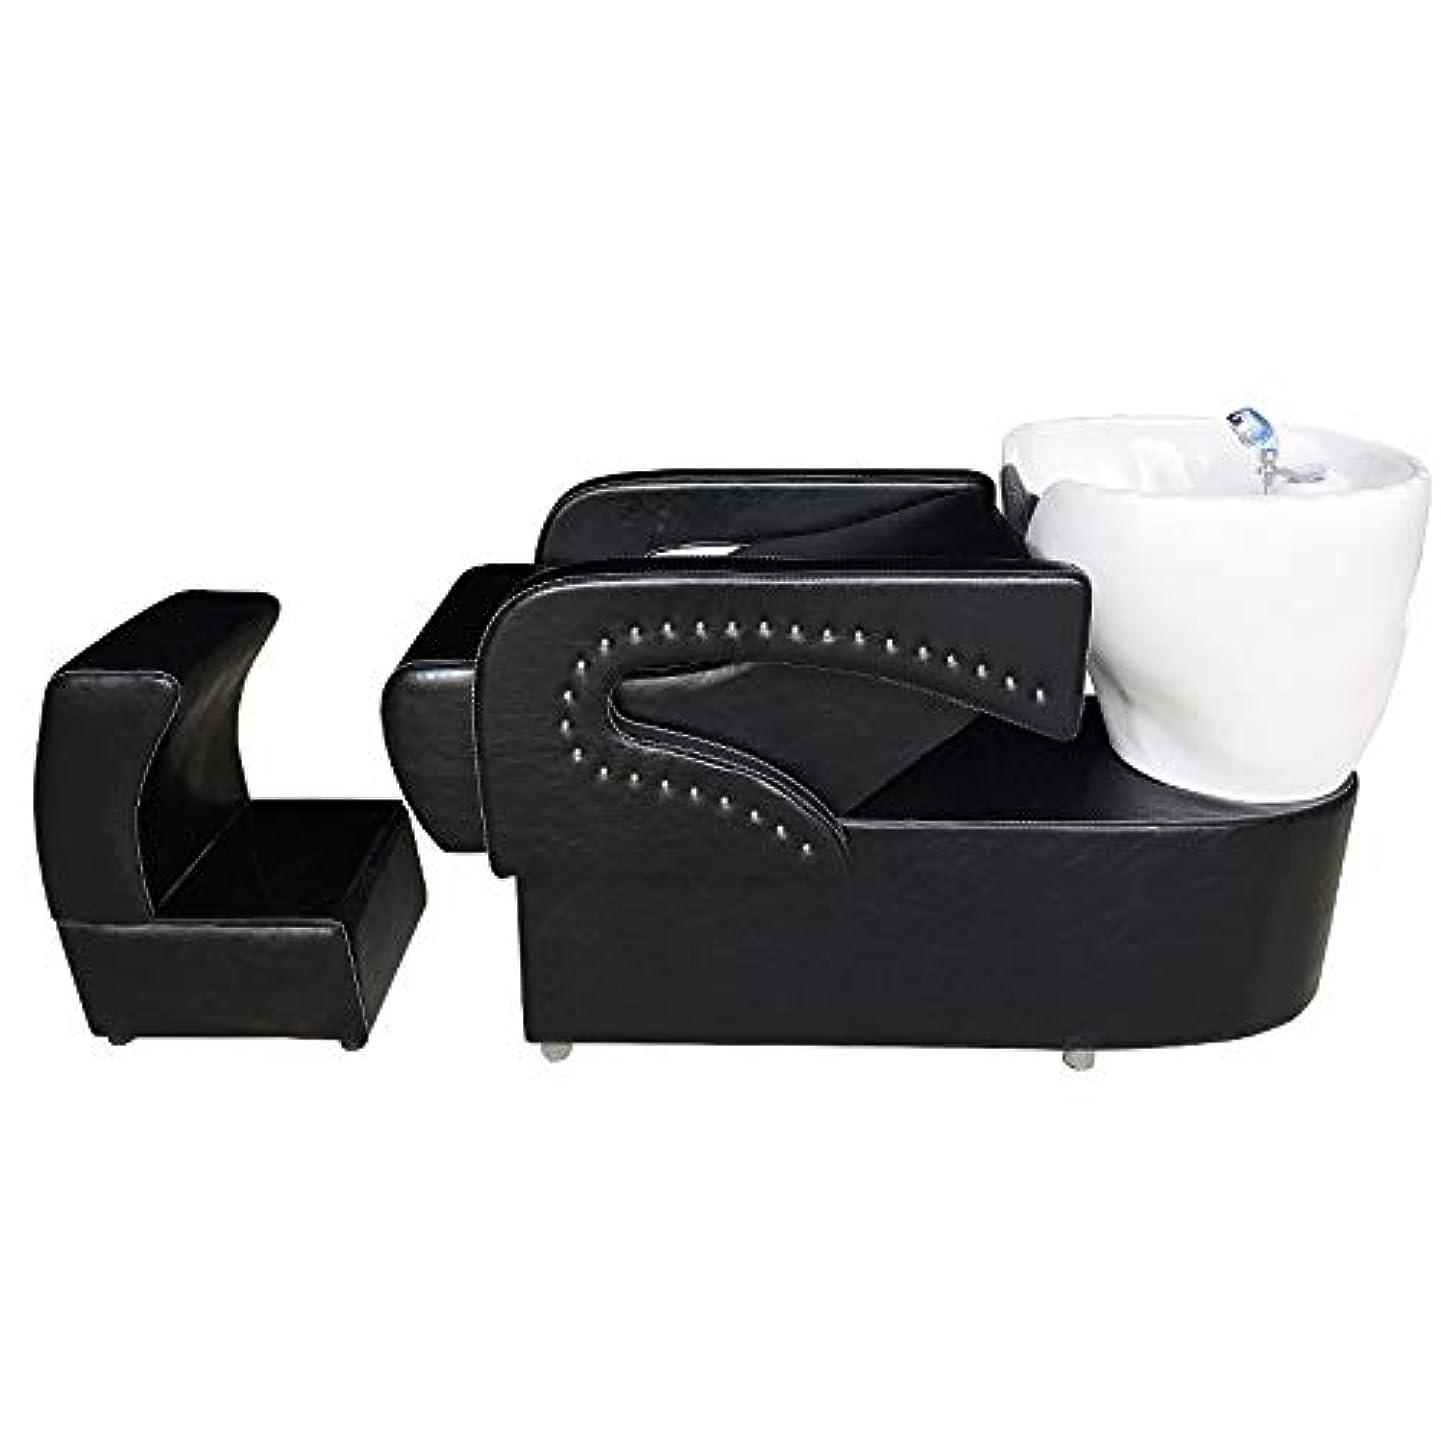 代わりのペア便益シャンプーの理髪師の逆洗の椅子、鉱泉の美容院のためのシャンプーボールの流しの椅子は半くぼみのフラッシュベッドを流します